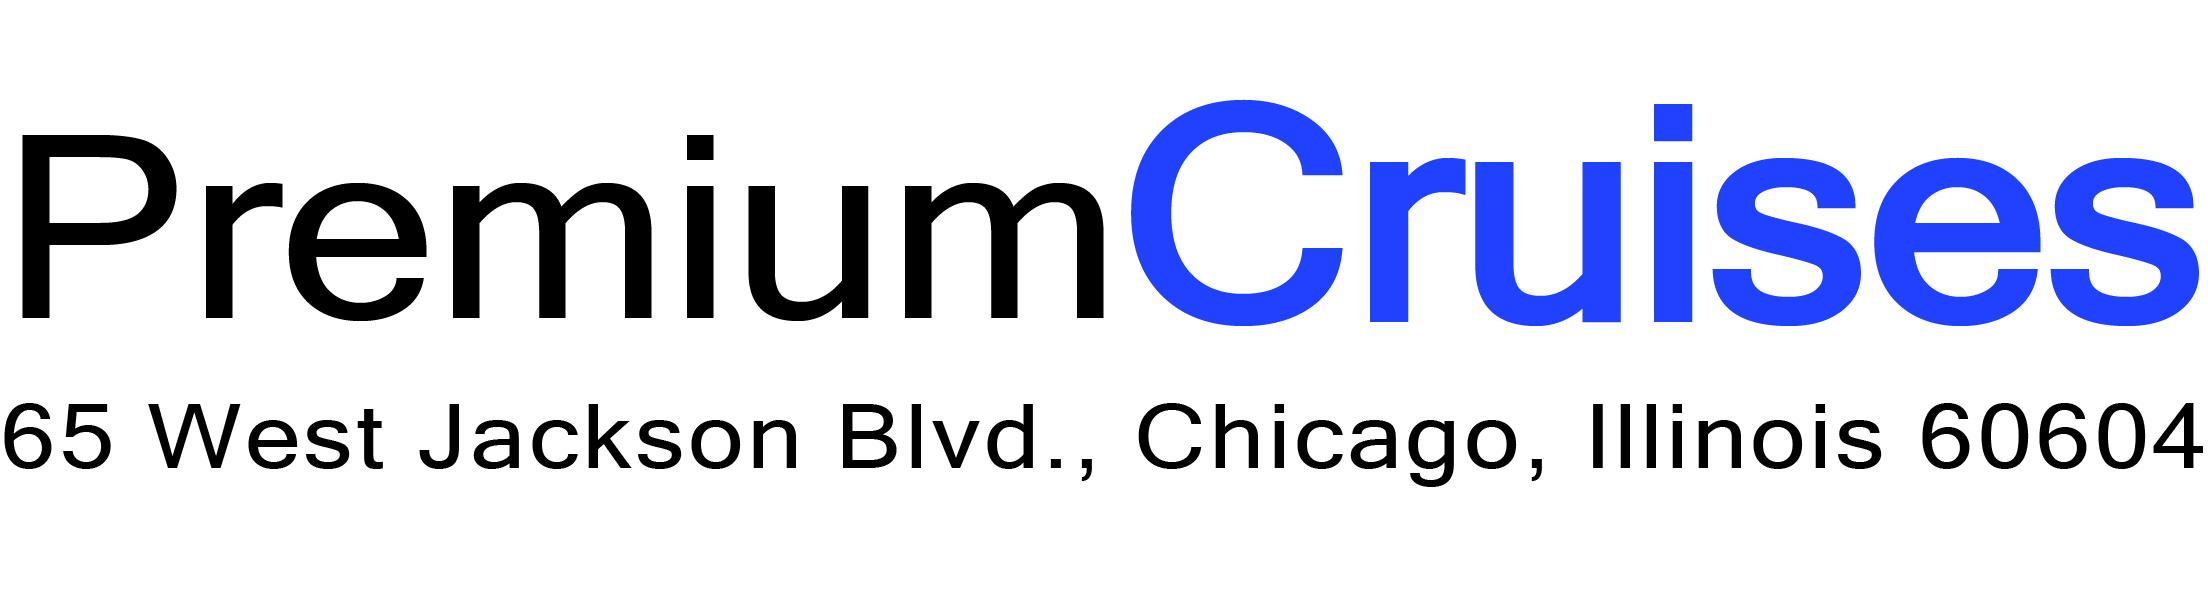 Premium Cruises's Logo